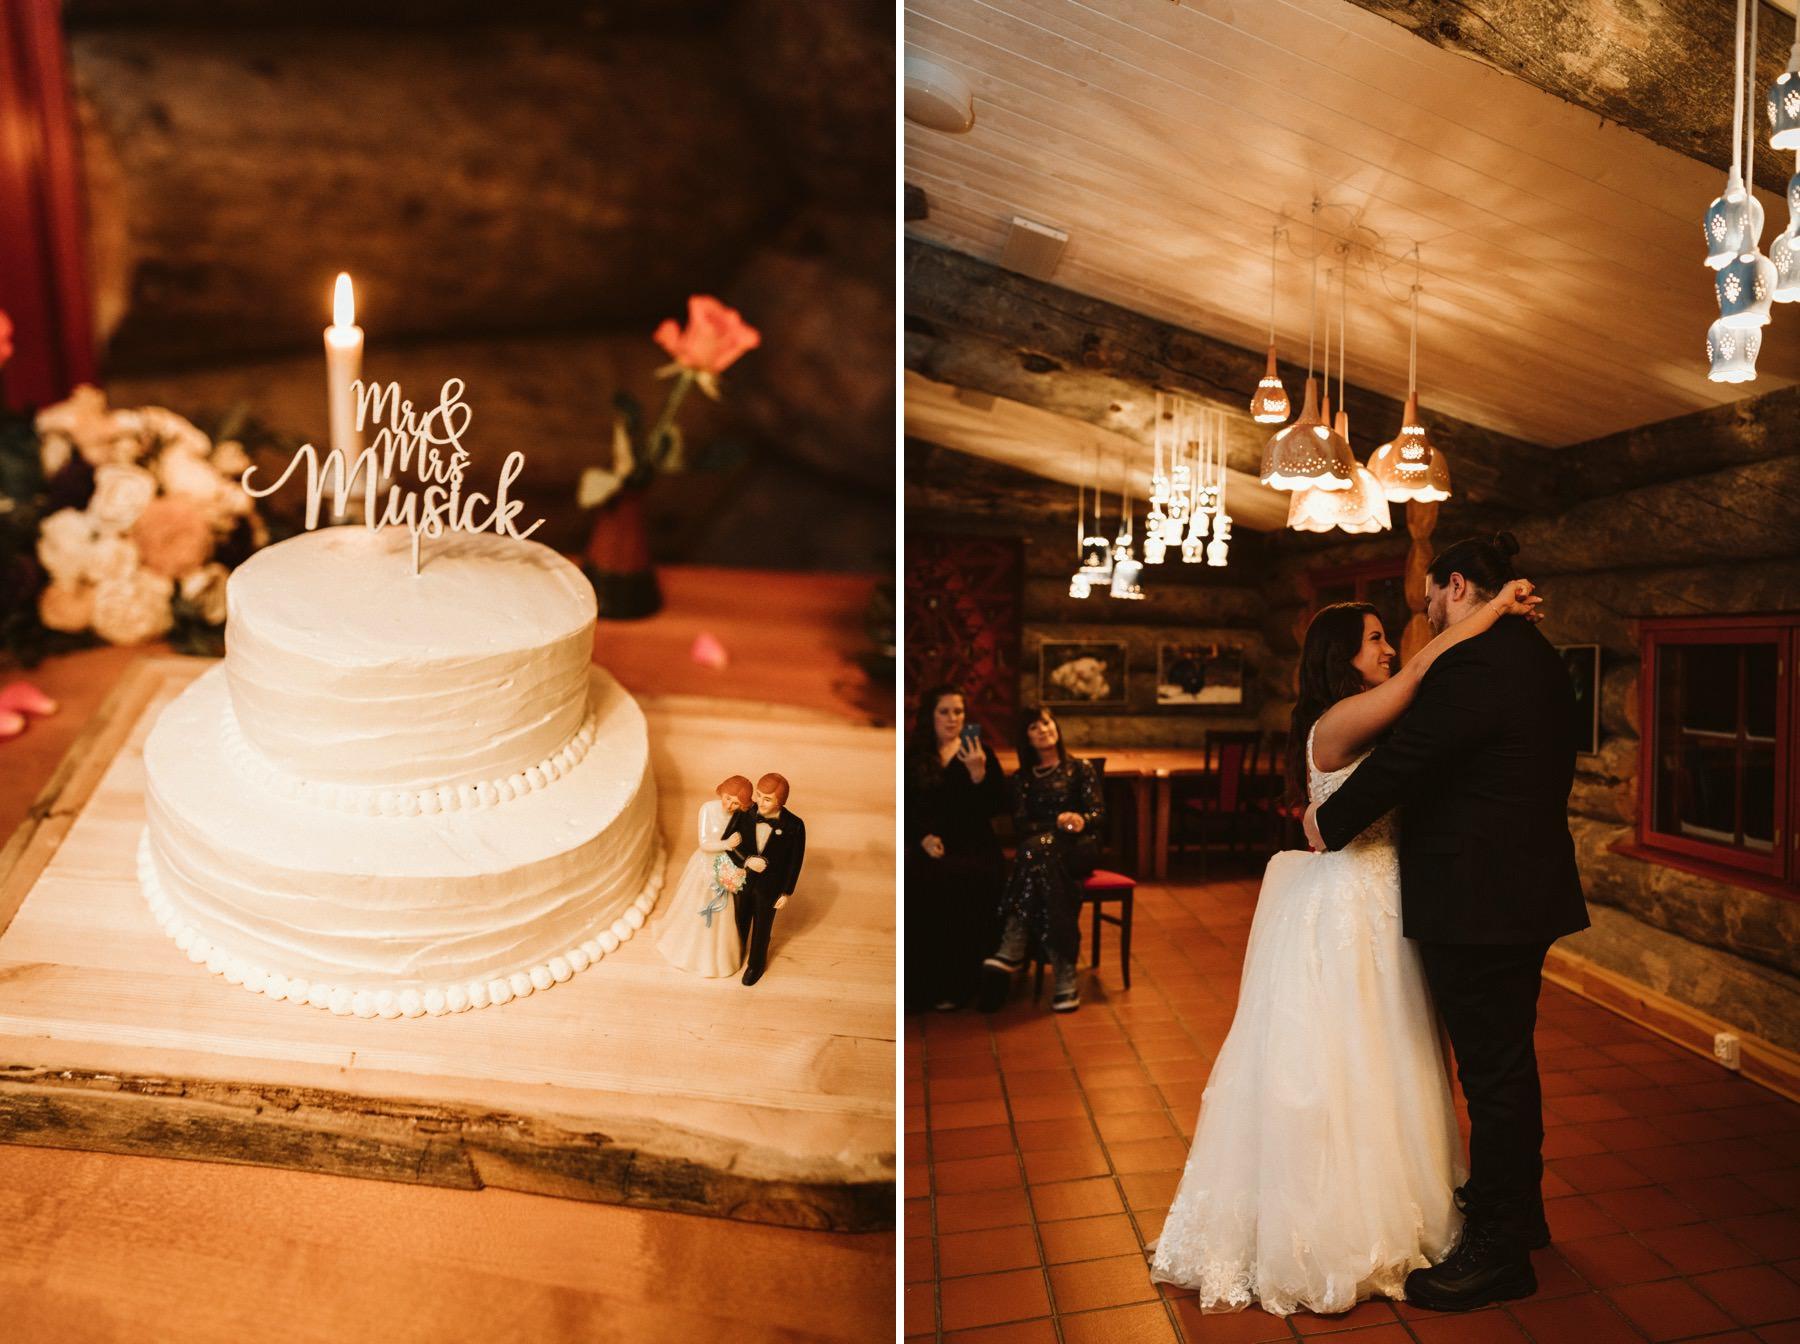 Kakslauttanen wedding cake